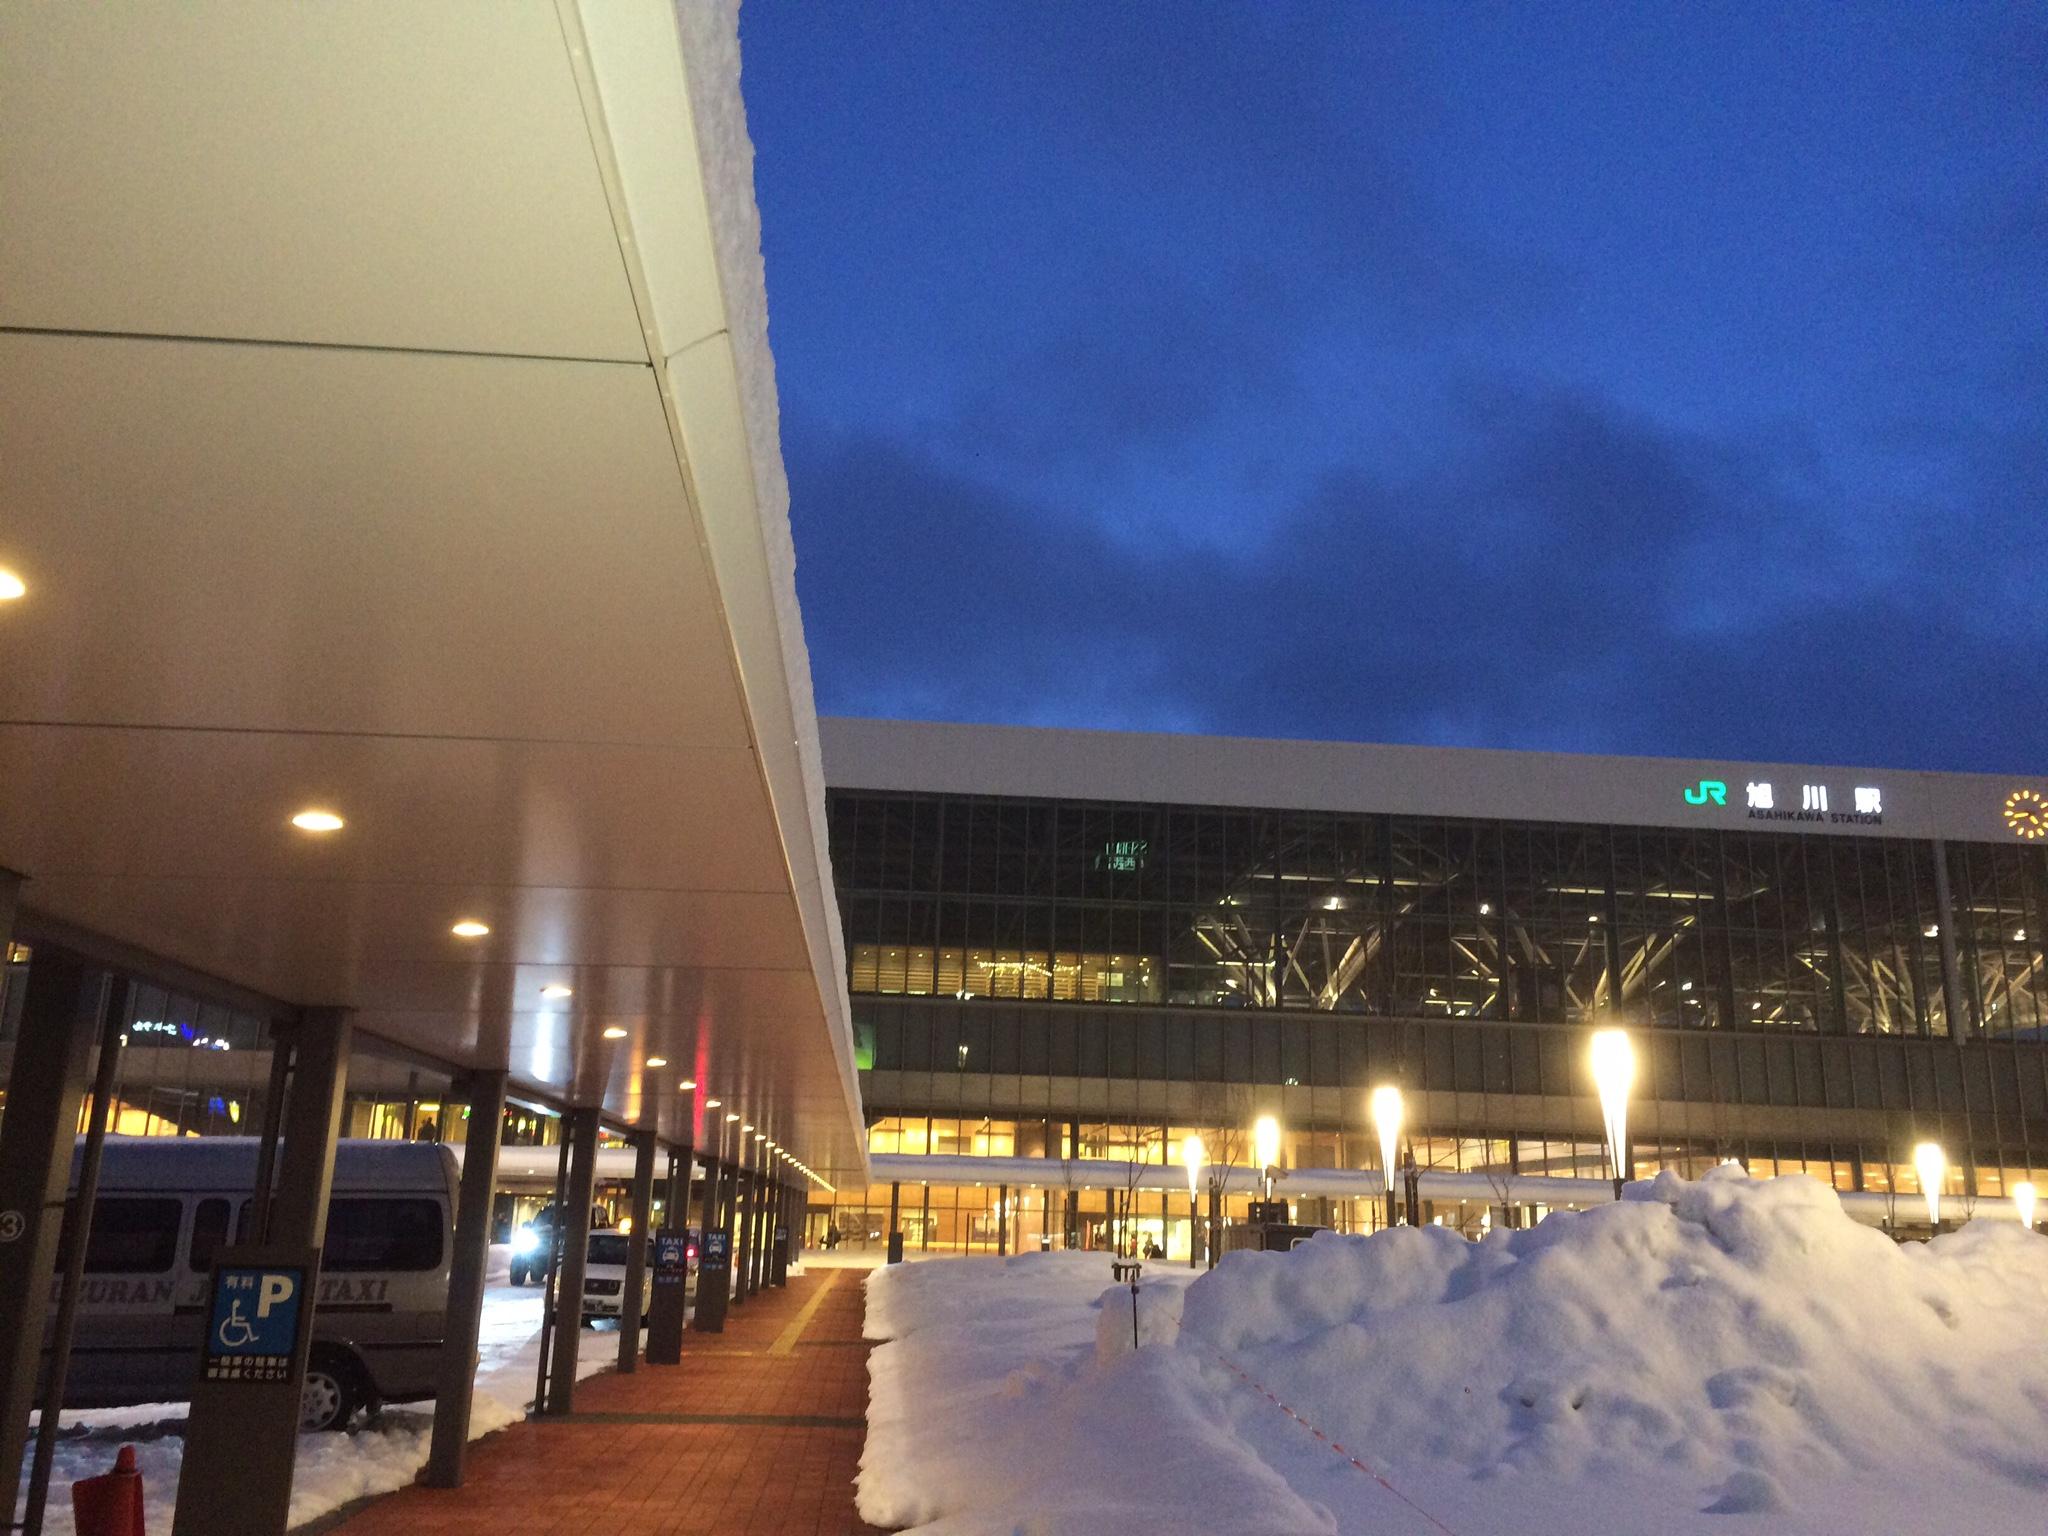 北海道は冬のドライブも幻想的でオススメ!でも運転は注意してね!